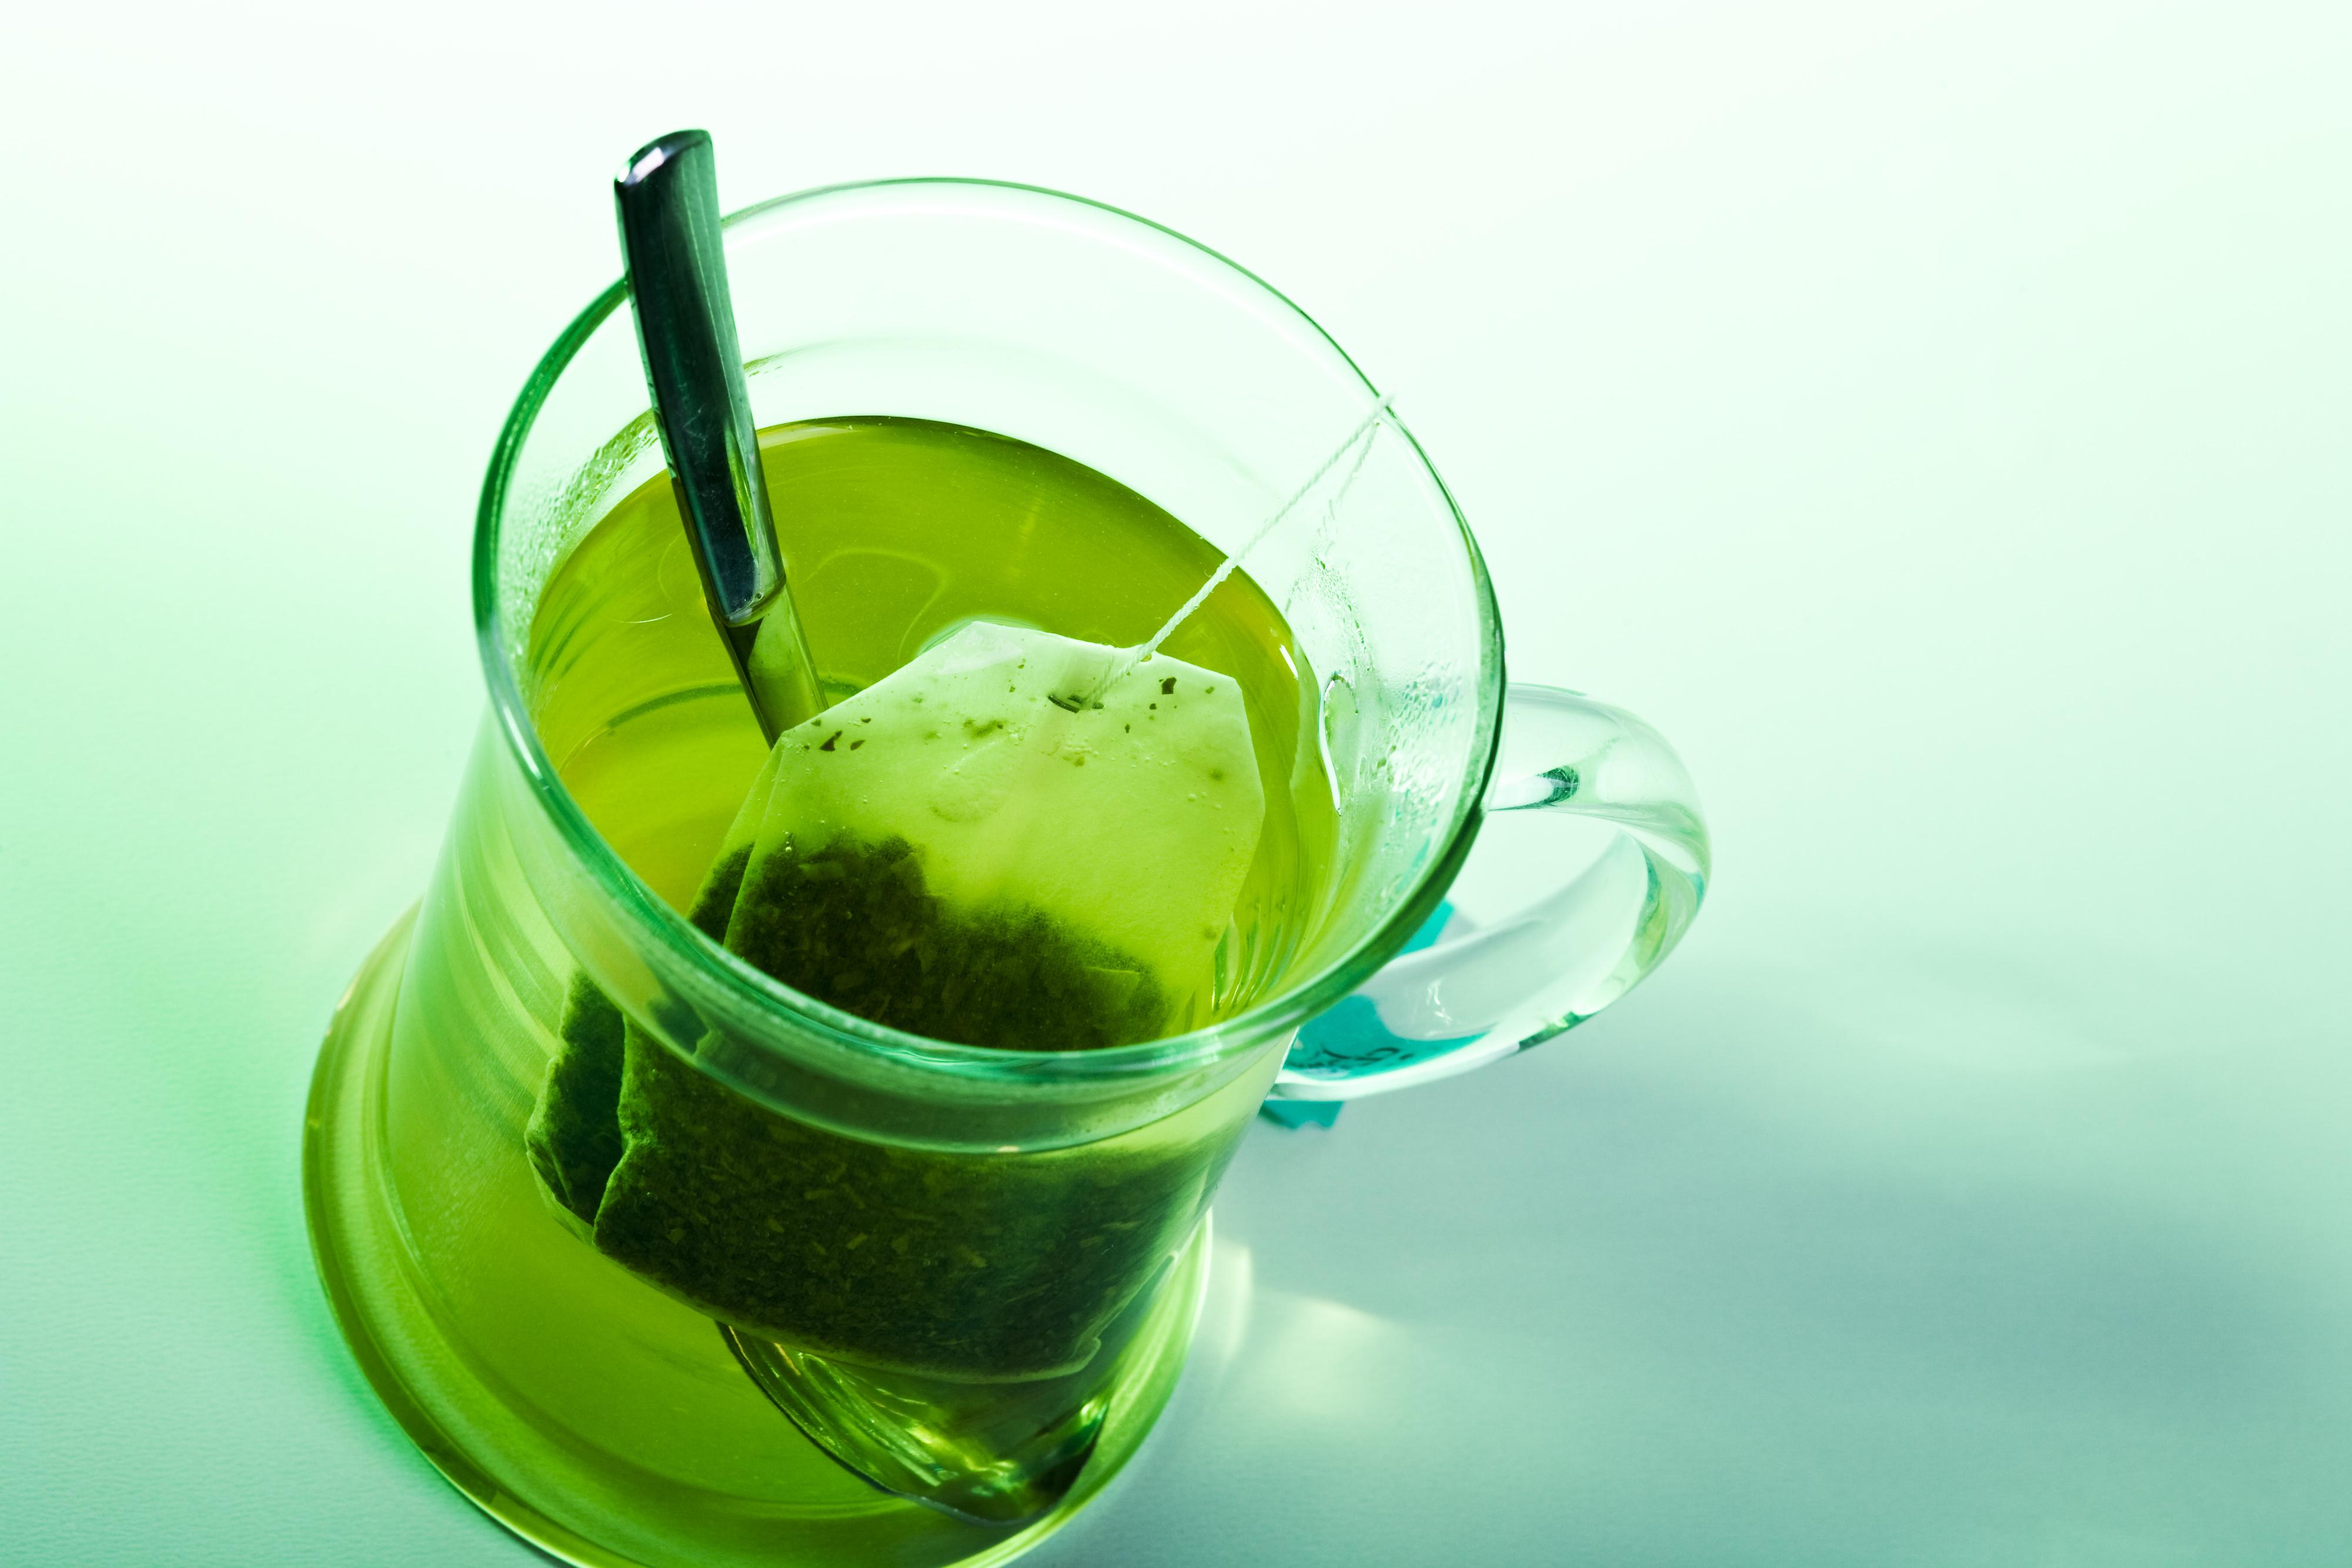 ceaiuverdeushutterstock%5b1%5d